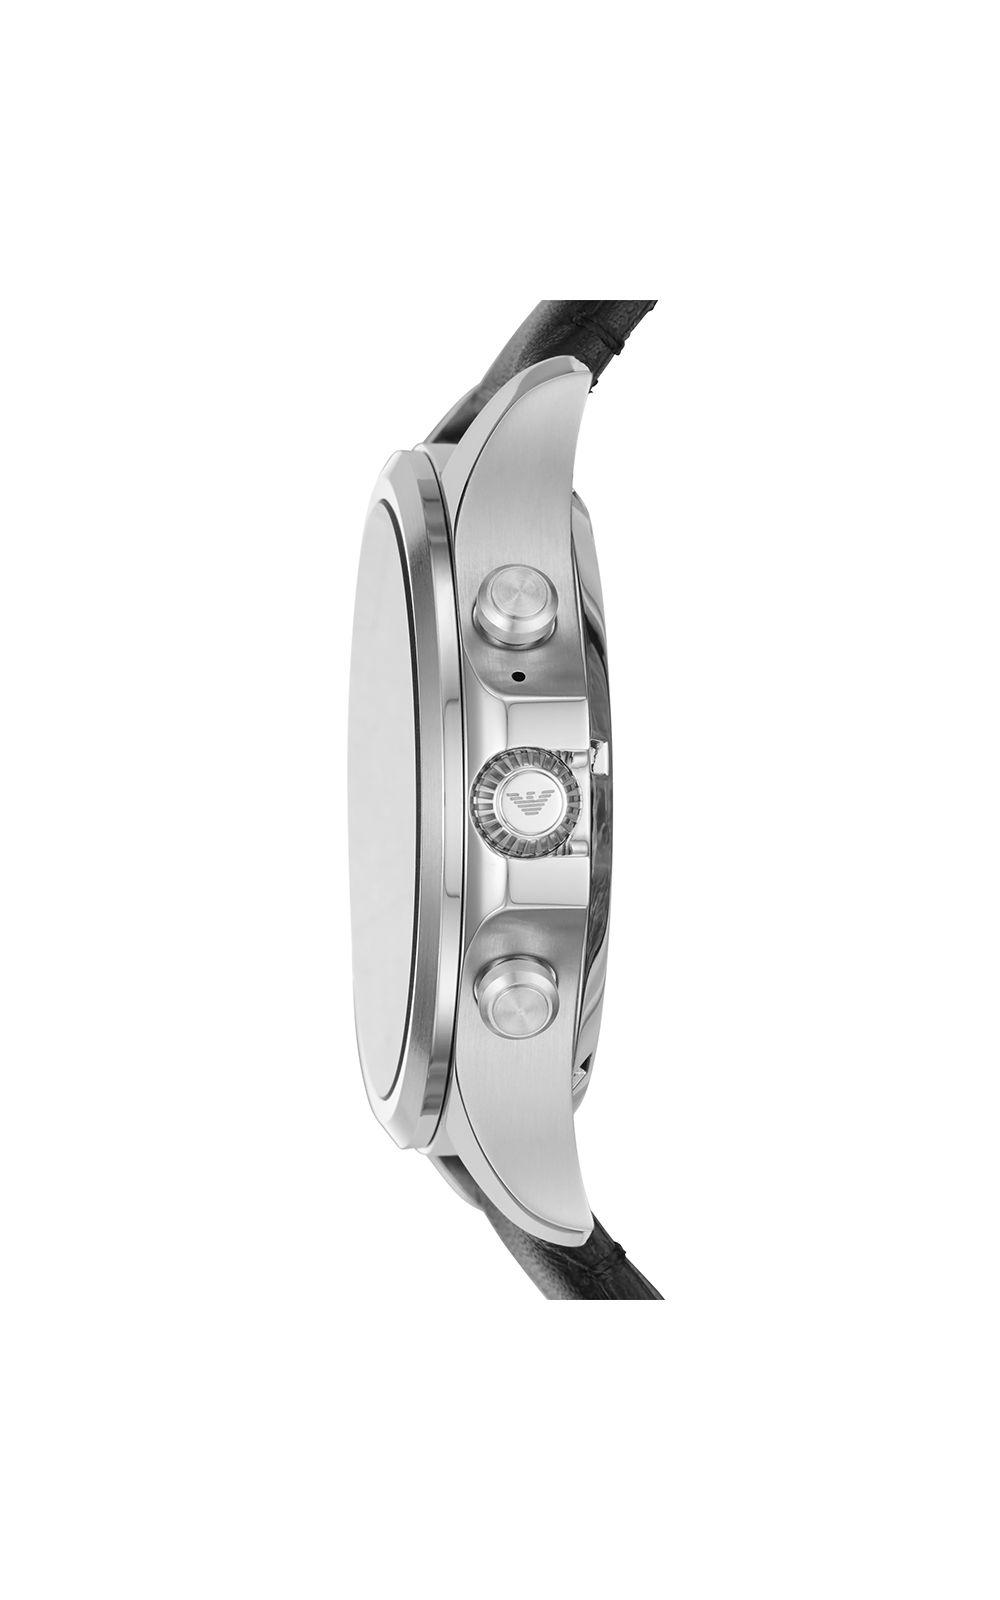 Foto 2 - Smartwatch Emporio Armani Masculino Prata - ART5003/0PI